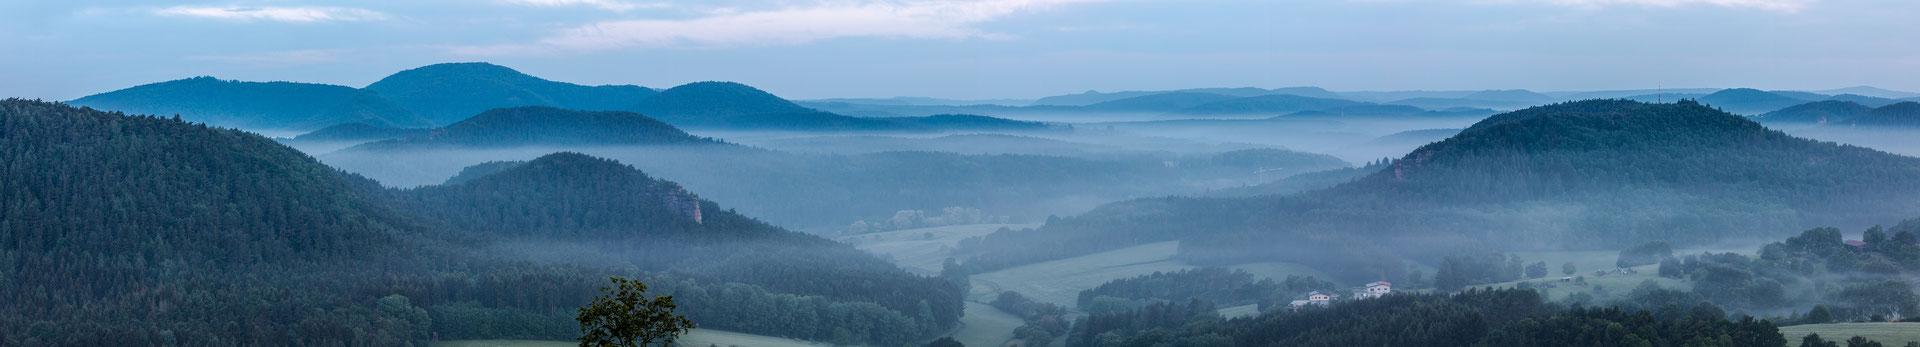 Nebliger Morgen auf der Ruine Drachenfels